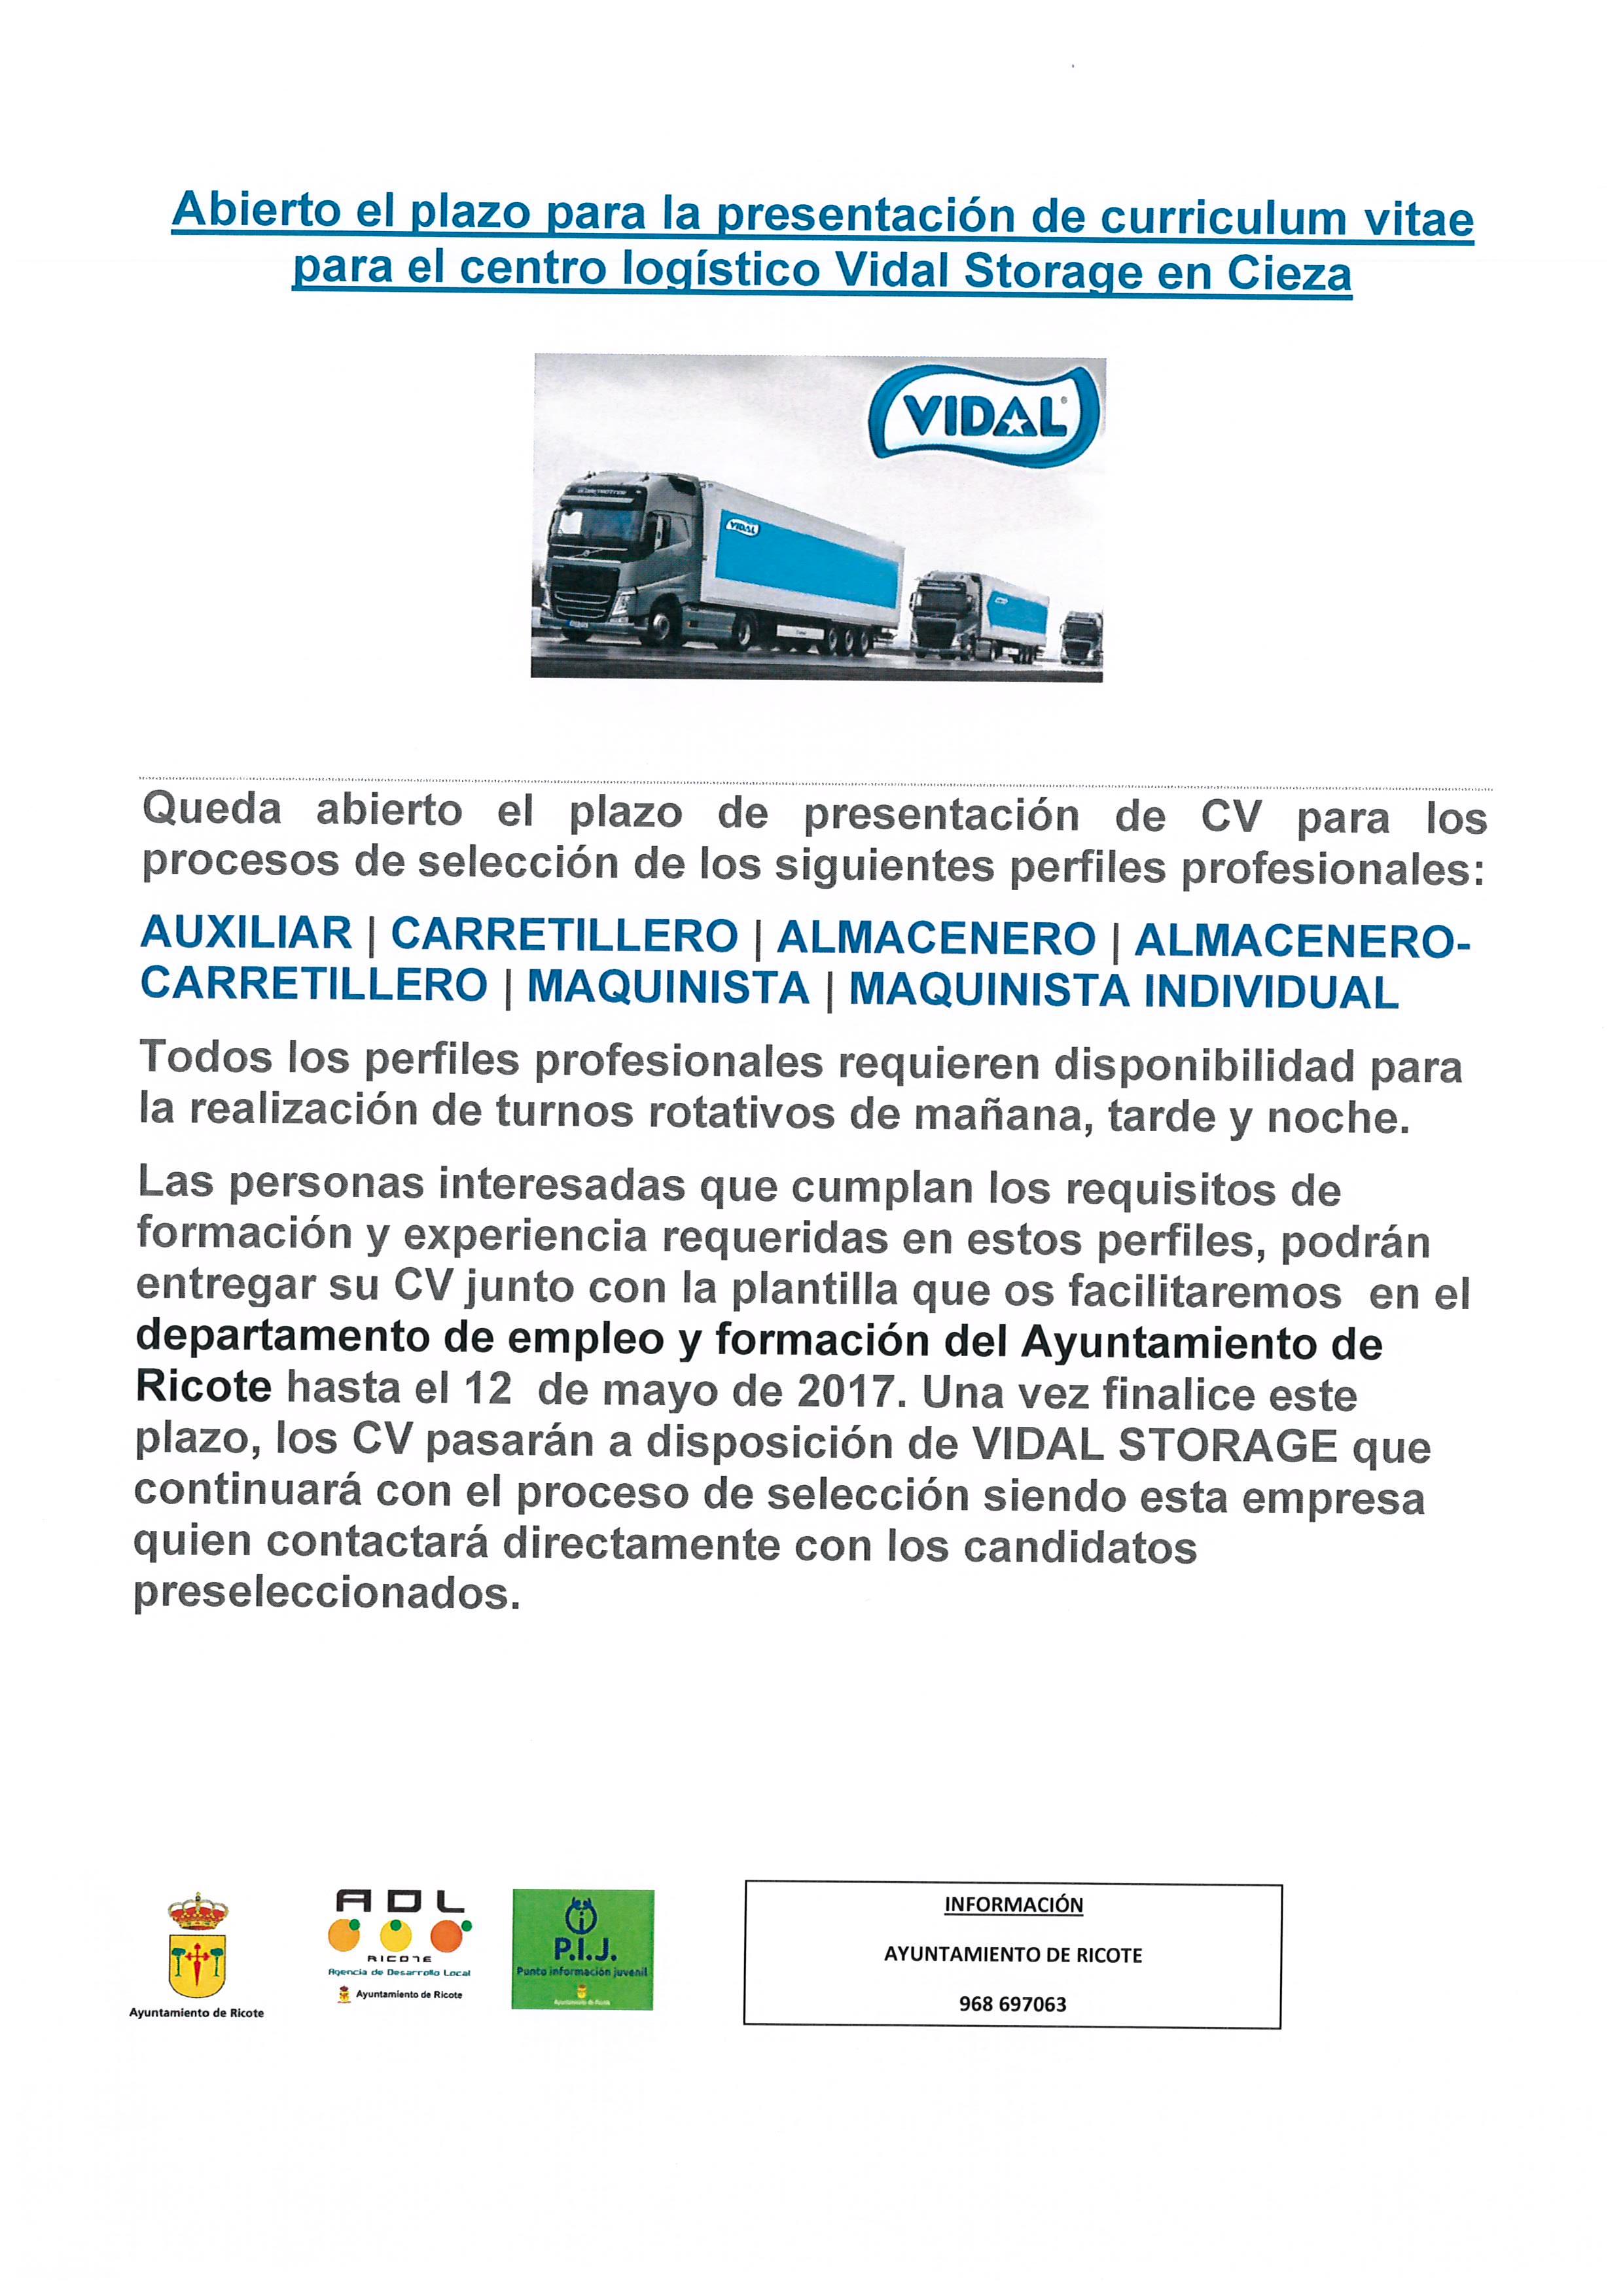 Abierto Plazo De Presentacion C V Para Centro Logistico Vidal